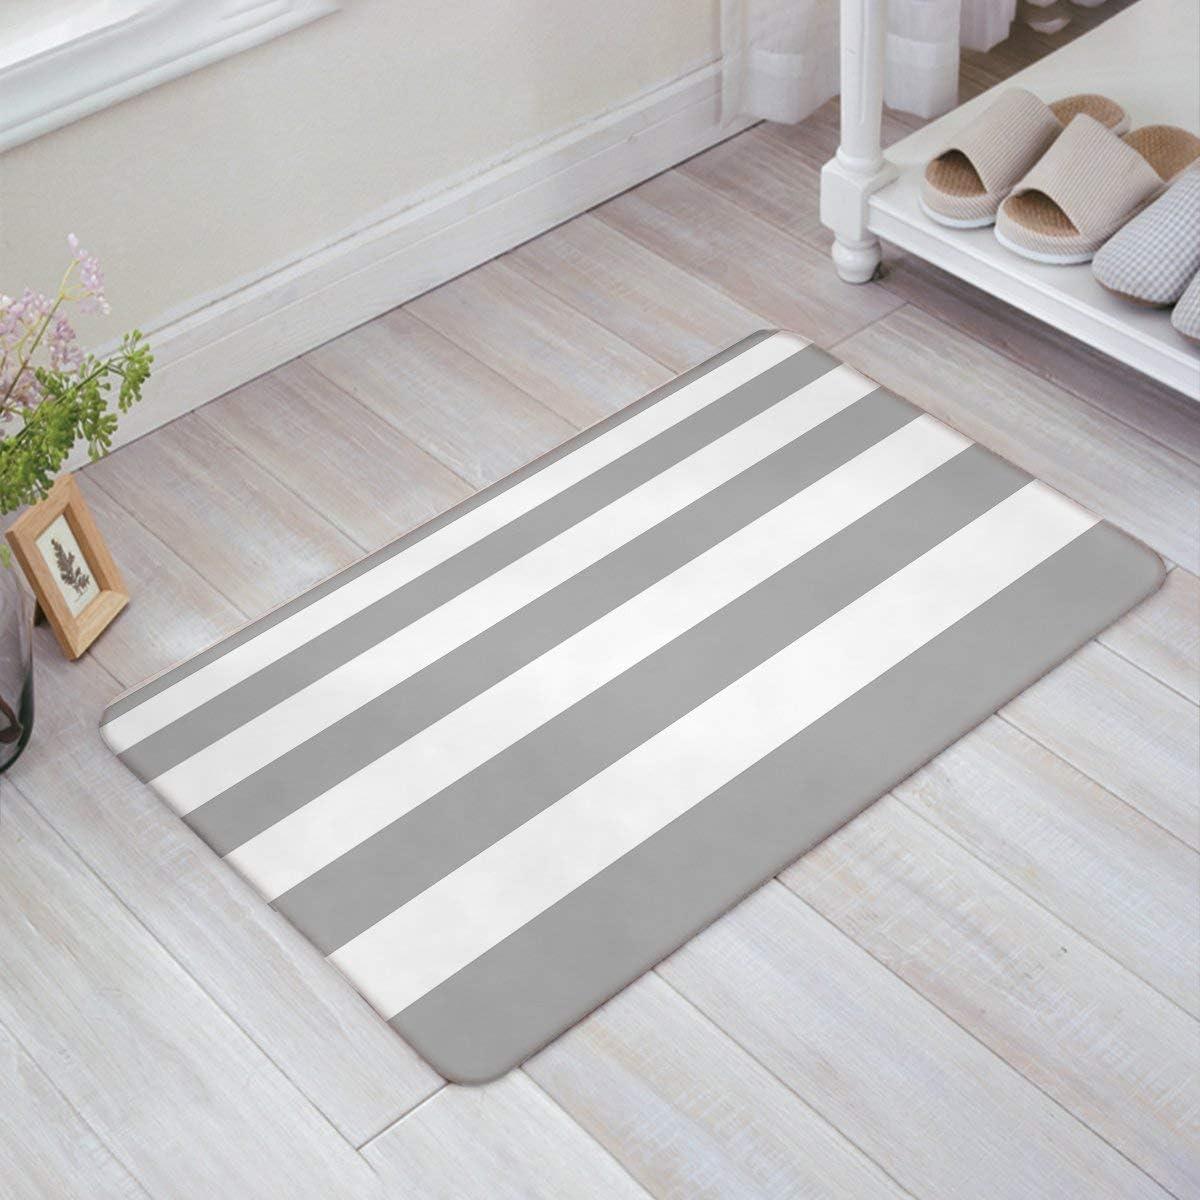 MHKG Morden Grey and White Blod Stripe Door Mats Kitchen Floor Bath Entrance Rug Mat Absorbent Indoor Bathroom Decor Doormats Rubber Non Slip 32 x 20